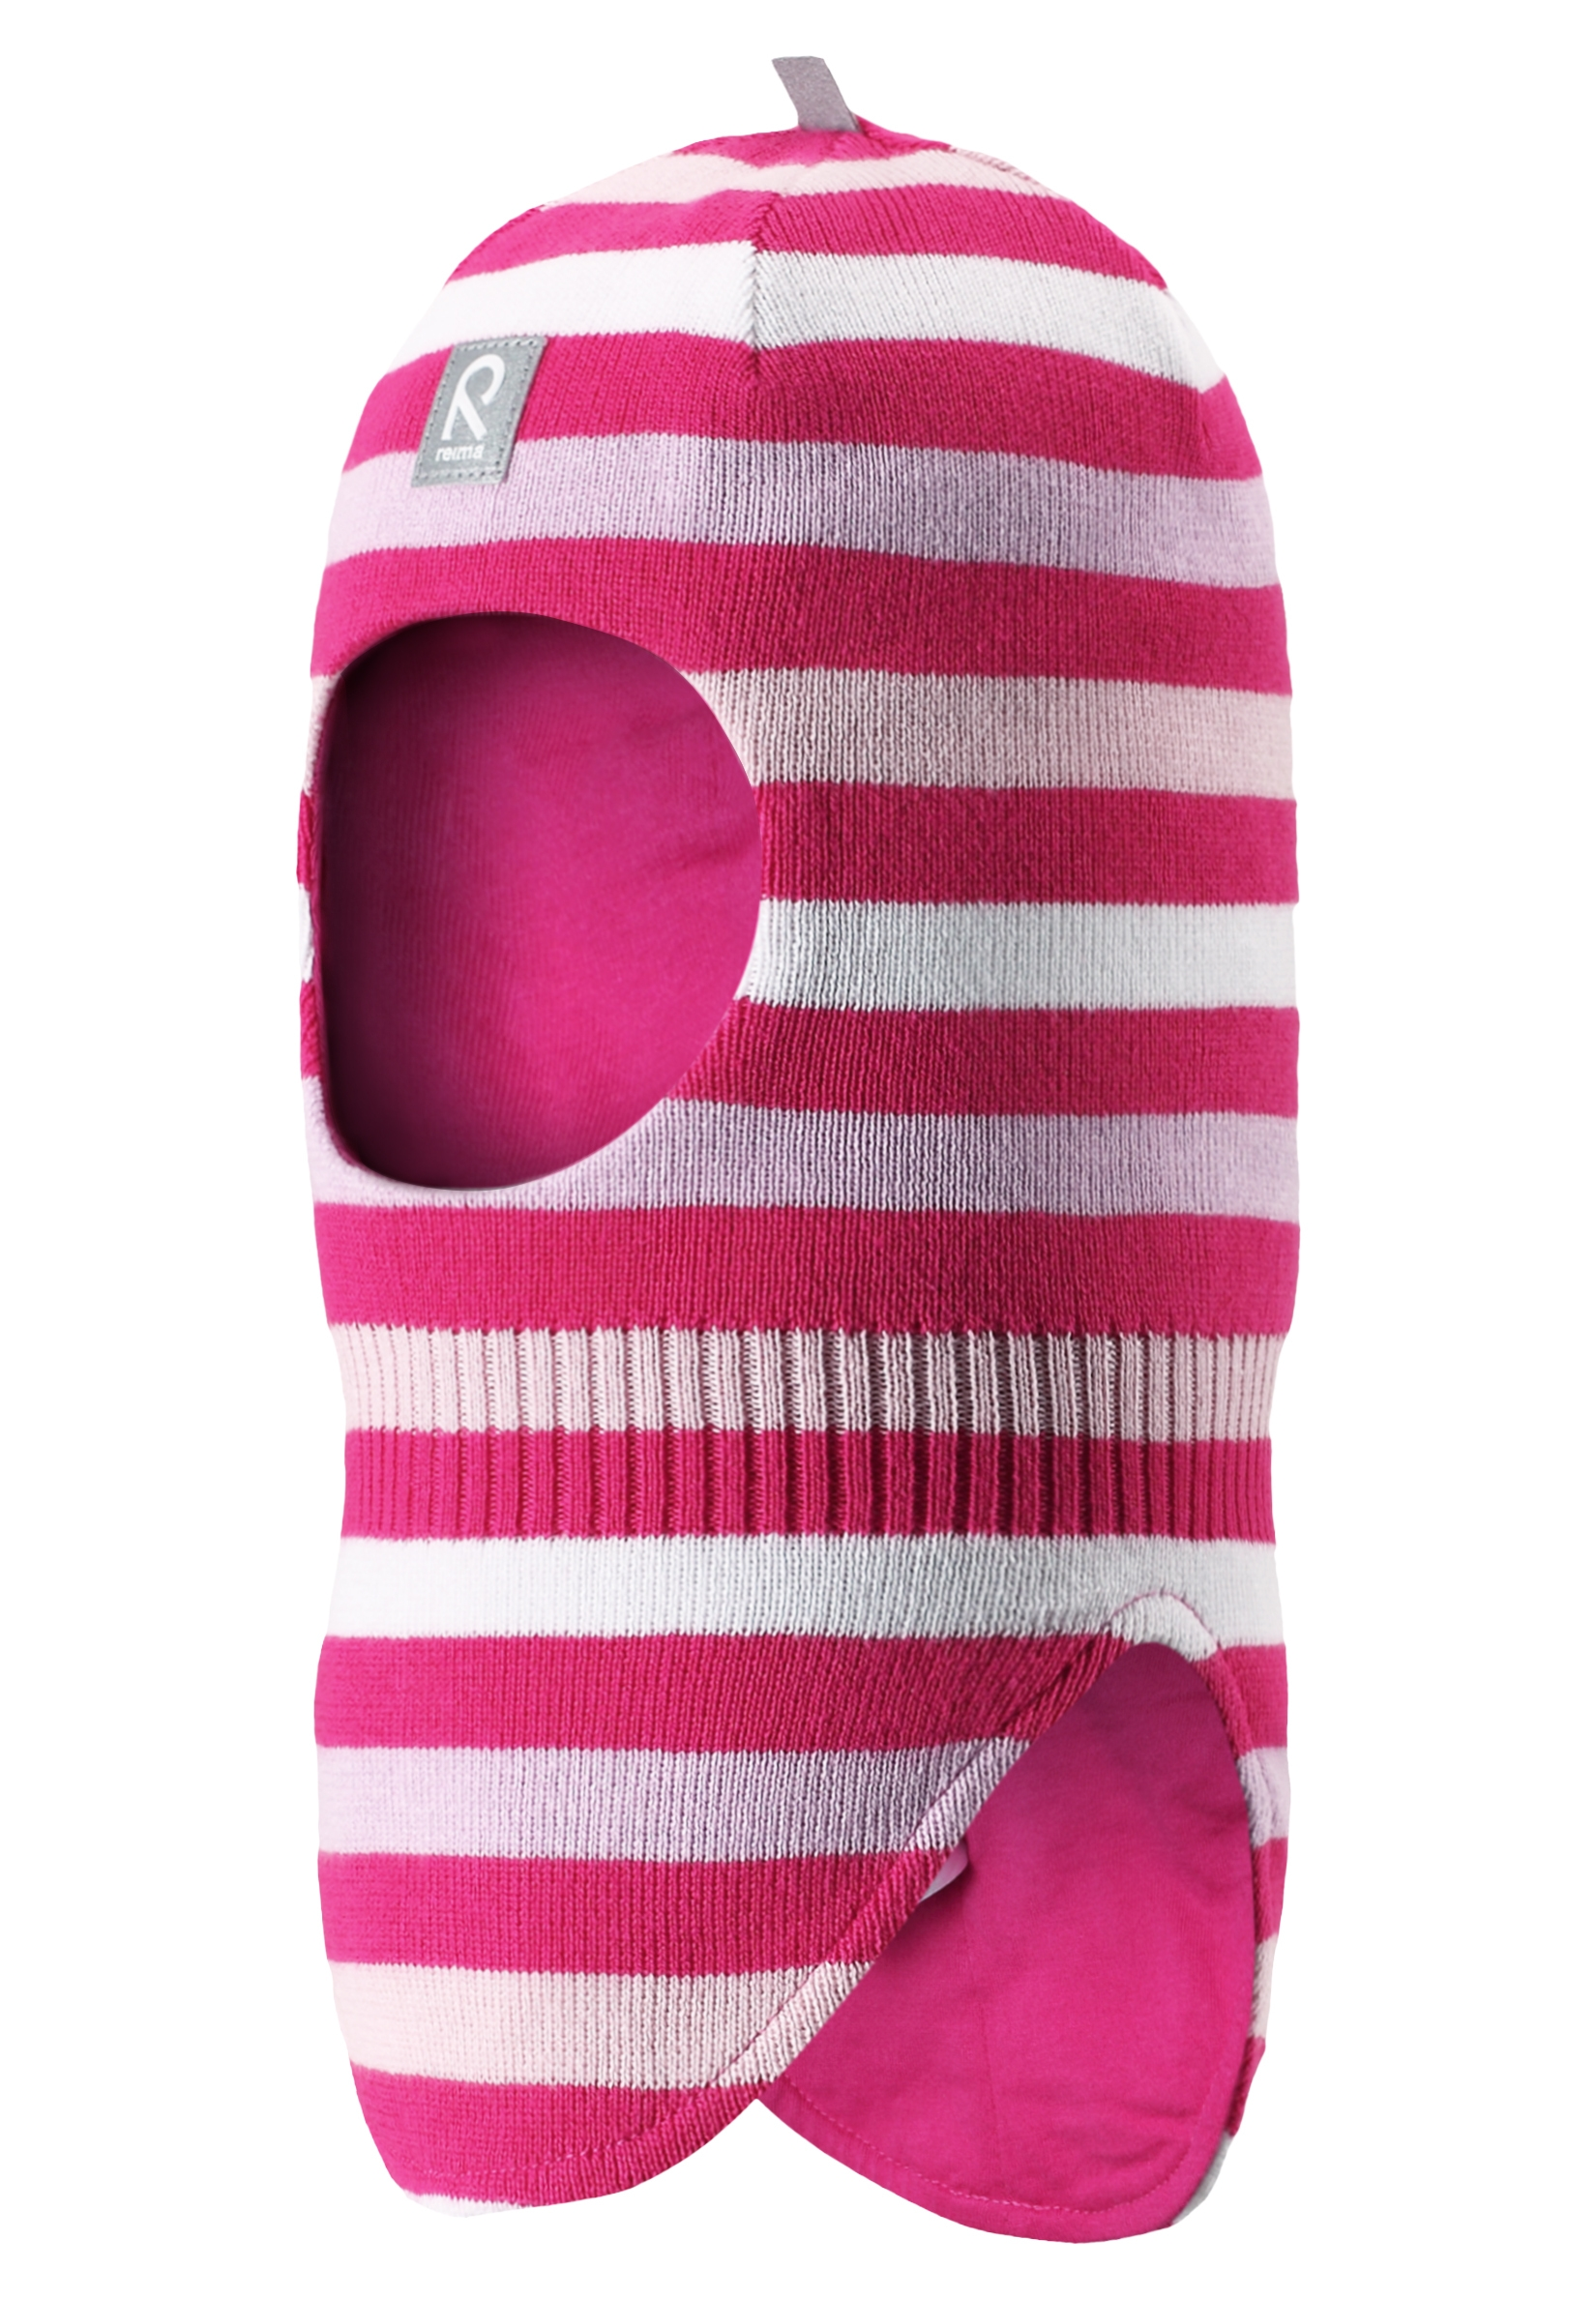 Купить со скидкой Шапка-шлем для девочки Reima, розовый